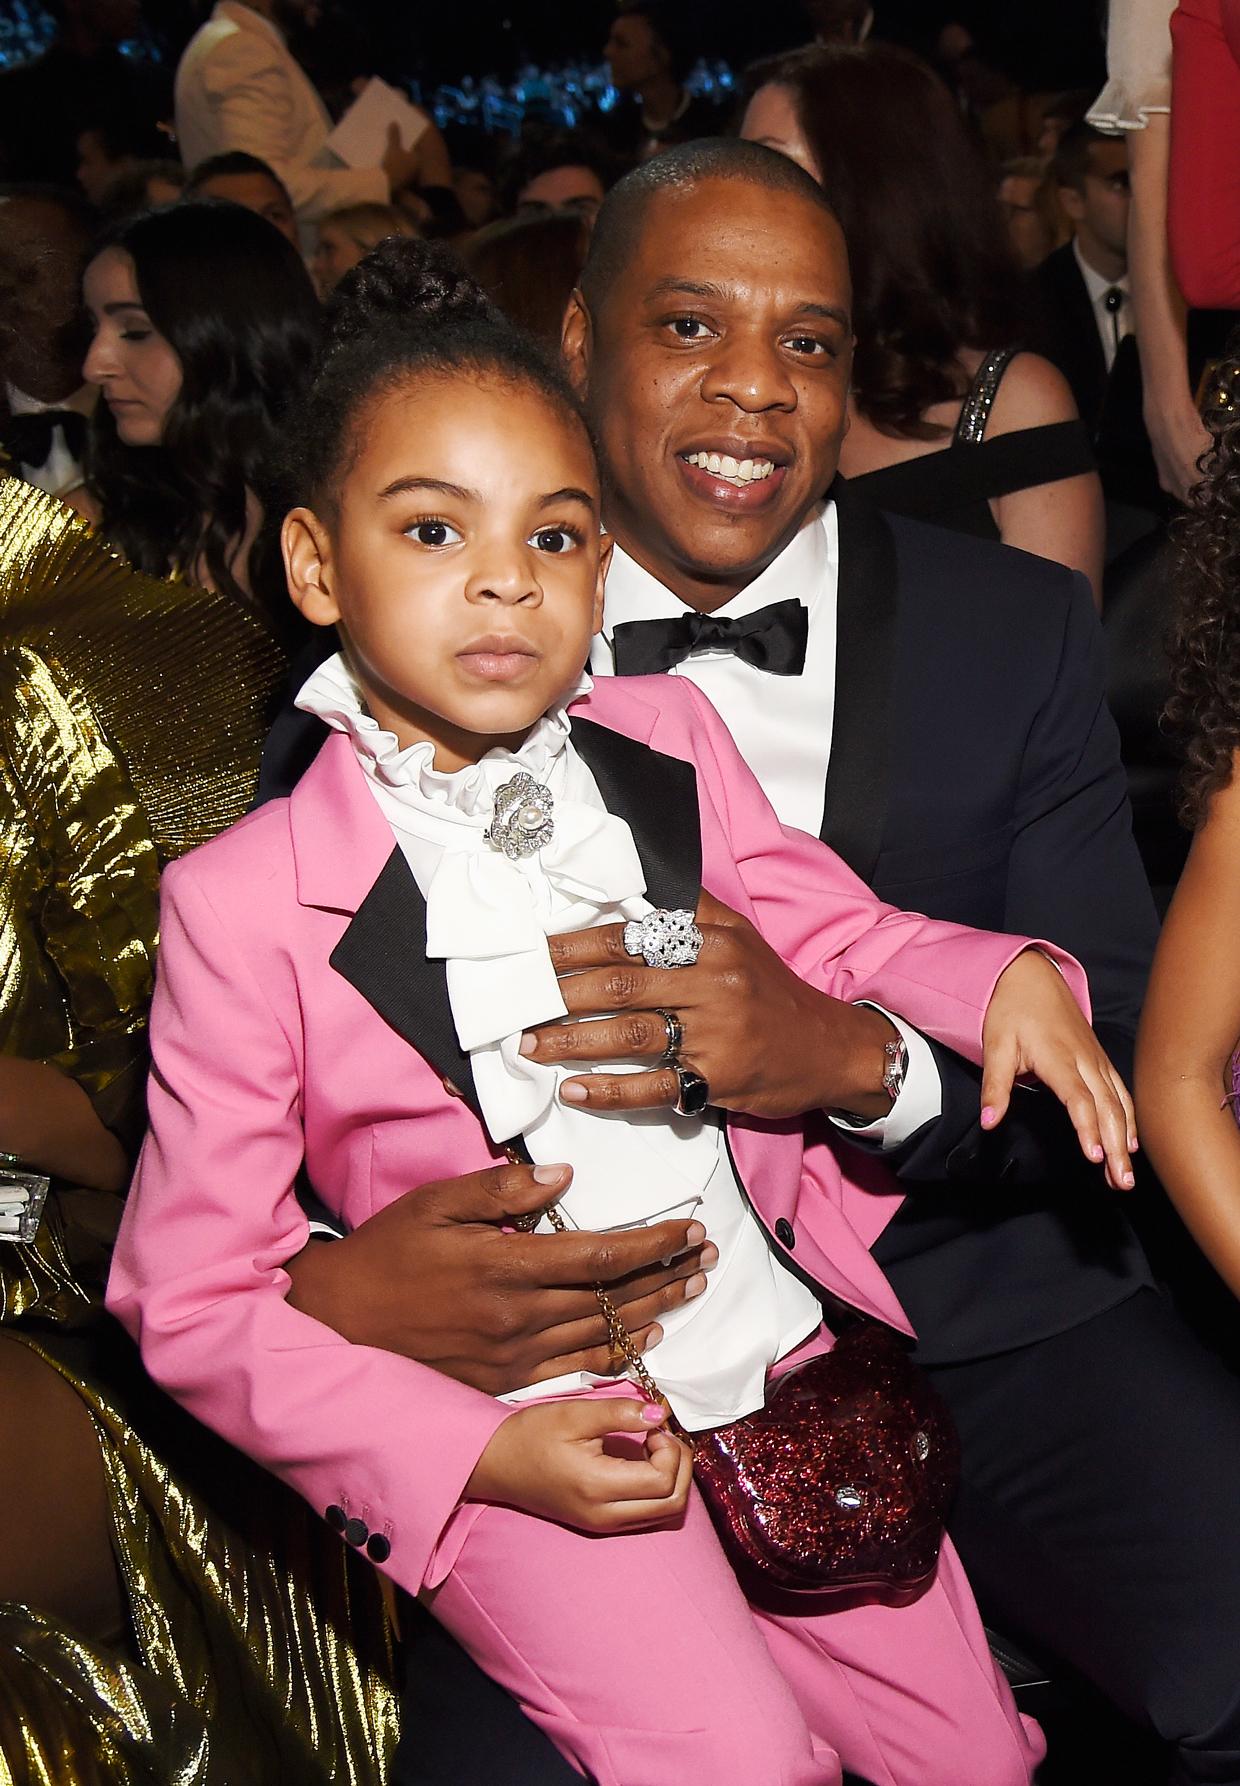 Thamani ya gauni la Beyonce alilovaa kwenye NBA All-Star ...